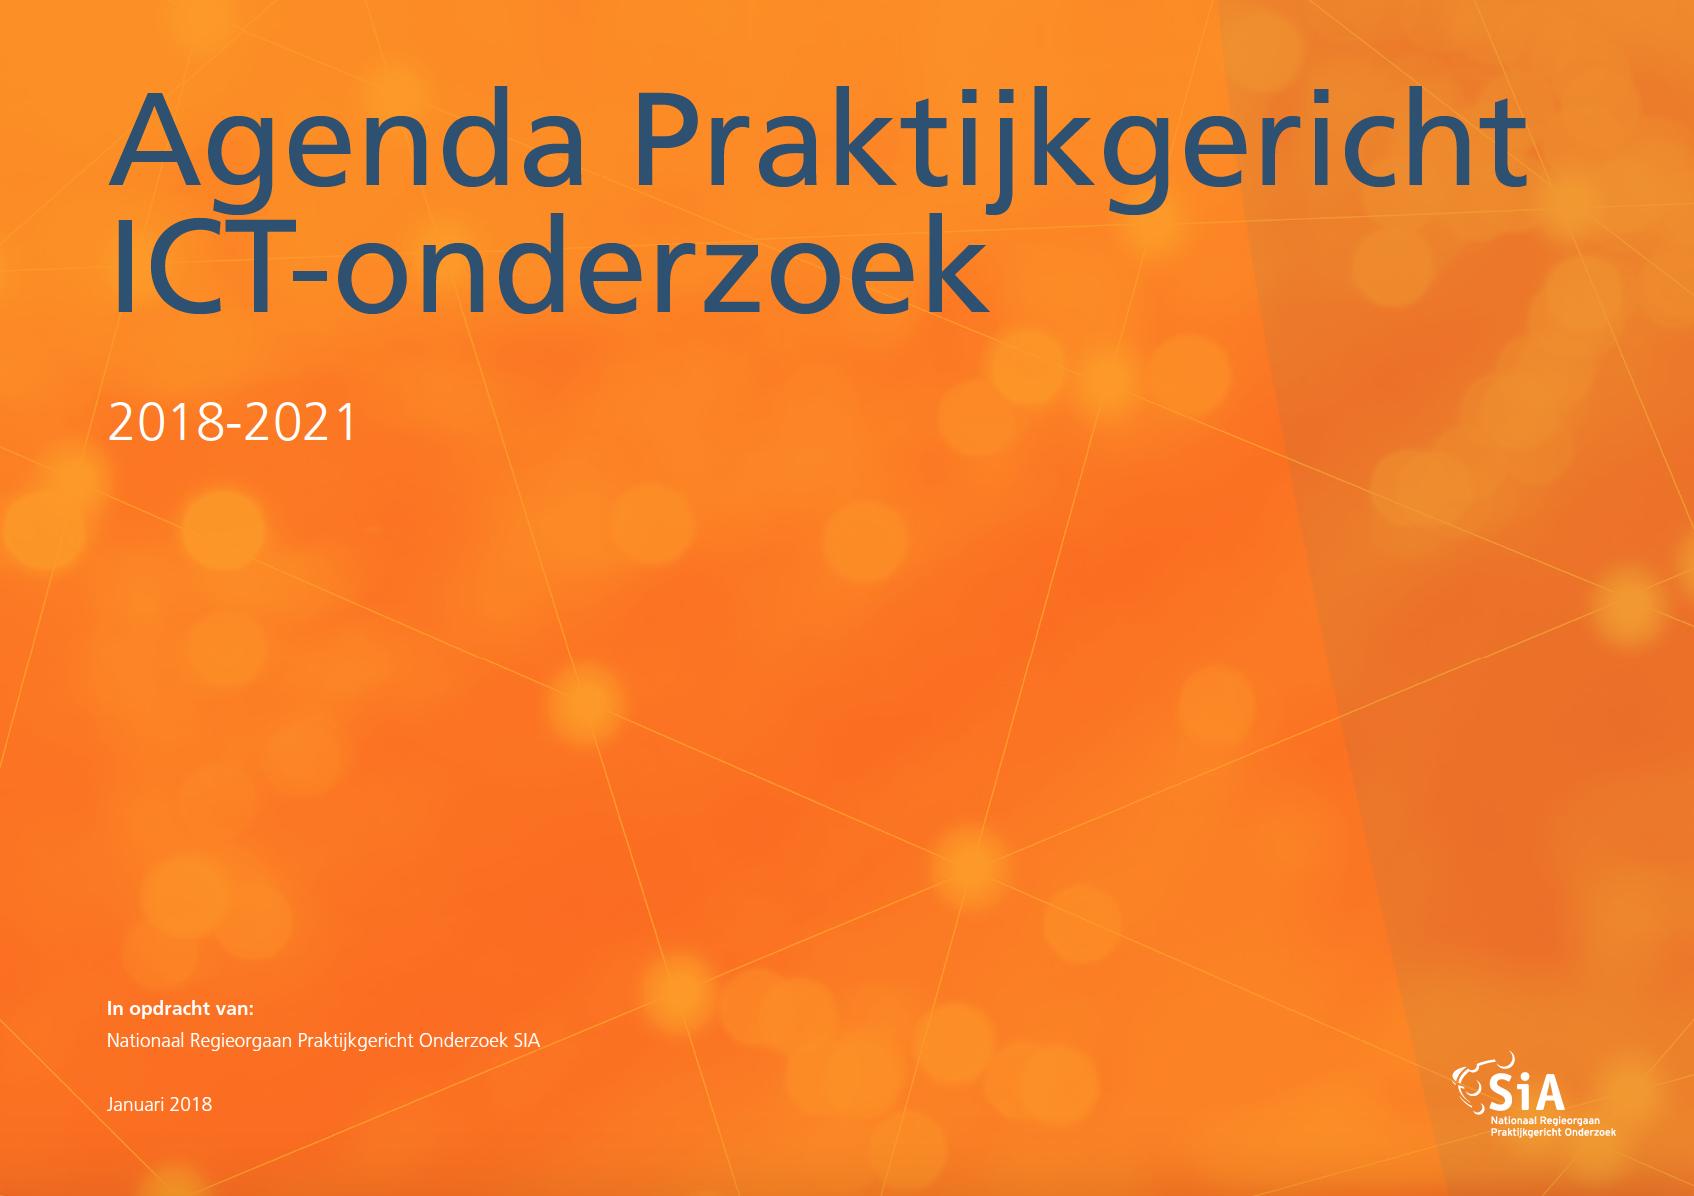 Agenda praktijkgericht ICT-onderzoek (SIA)